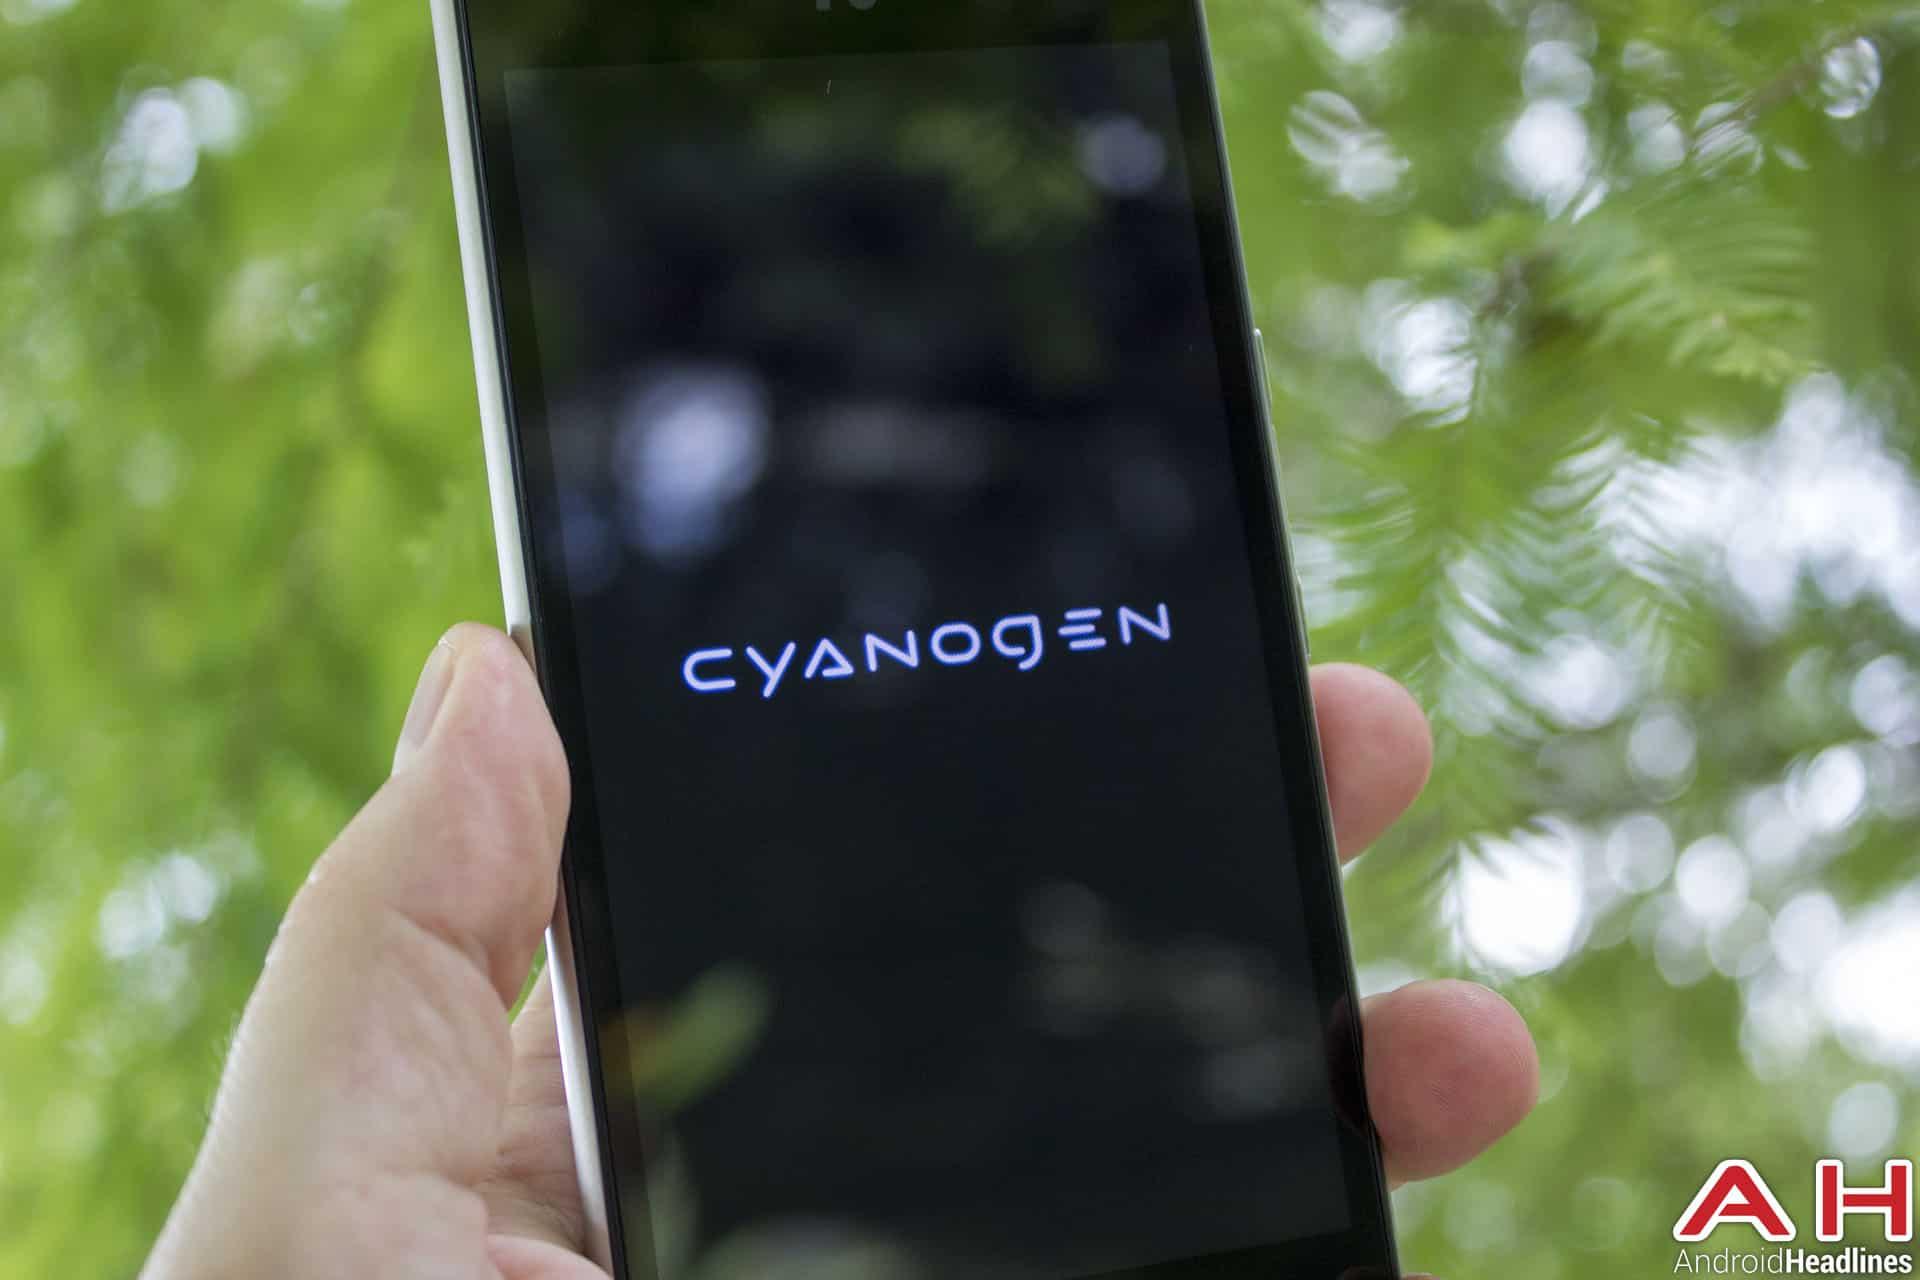 Yu-Yuphoria-AH-cyanogen-2